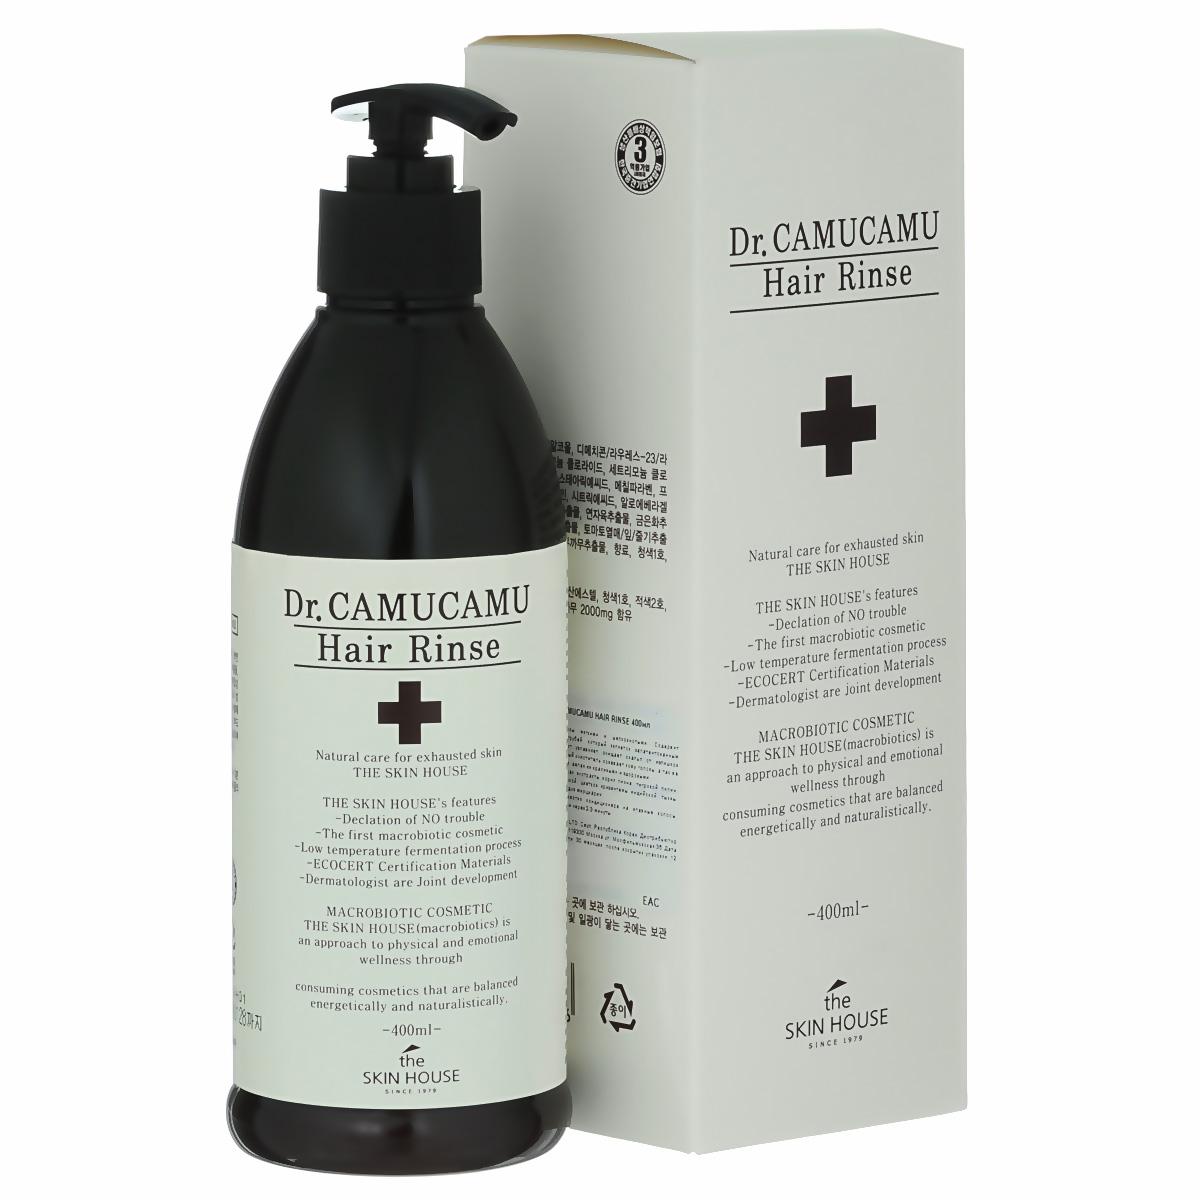 The Skin House Лечебный бальзам для волос DR. Camucamu hair rinse, 400 млУТ000001221Кондиционер для волос делает волосы мягкими и шелковистыми. Содержит ферментированный экстракт рисовых отрубей, который является запатентованным компонентом TheSkinHouse. Этот экстракт увлажняет, очищает скальп от излишков себума и контролирует перхоть. Натуральный очиститель освежает кожу головы, а так же питает волосы от корней до самых кончиков, делая их красивыми и здоровыми.Содержит комплекс ингредиентов: экстракт корня пиона, тигровой лилии, цветков лотоса, цветков жимолости японской, цветков хризантемы индийской, тыквы, листьев алоэ барбаденсис, ягод асаи и плодов мирциарии.